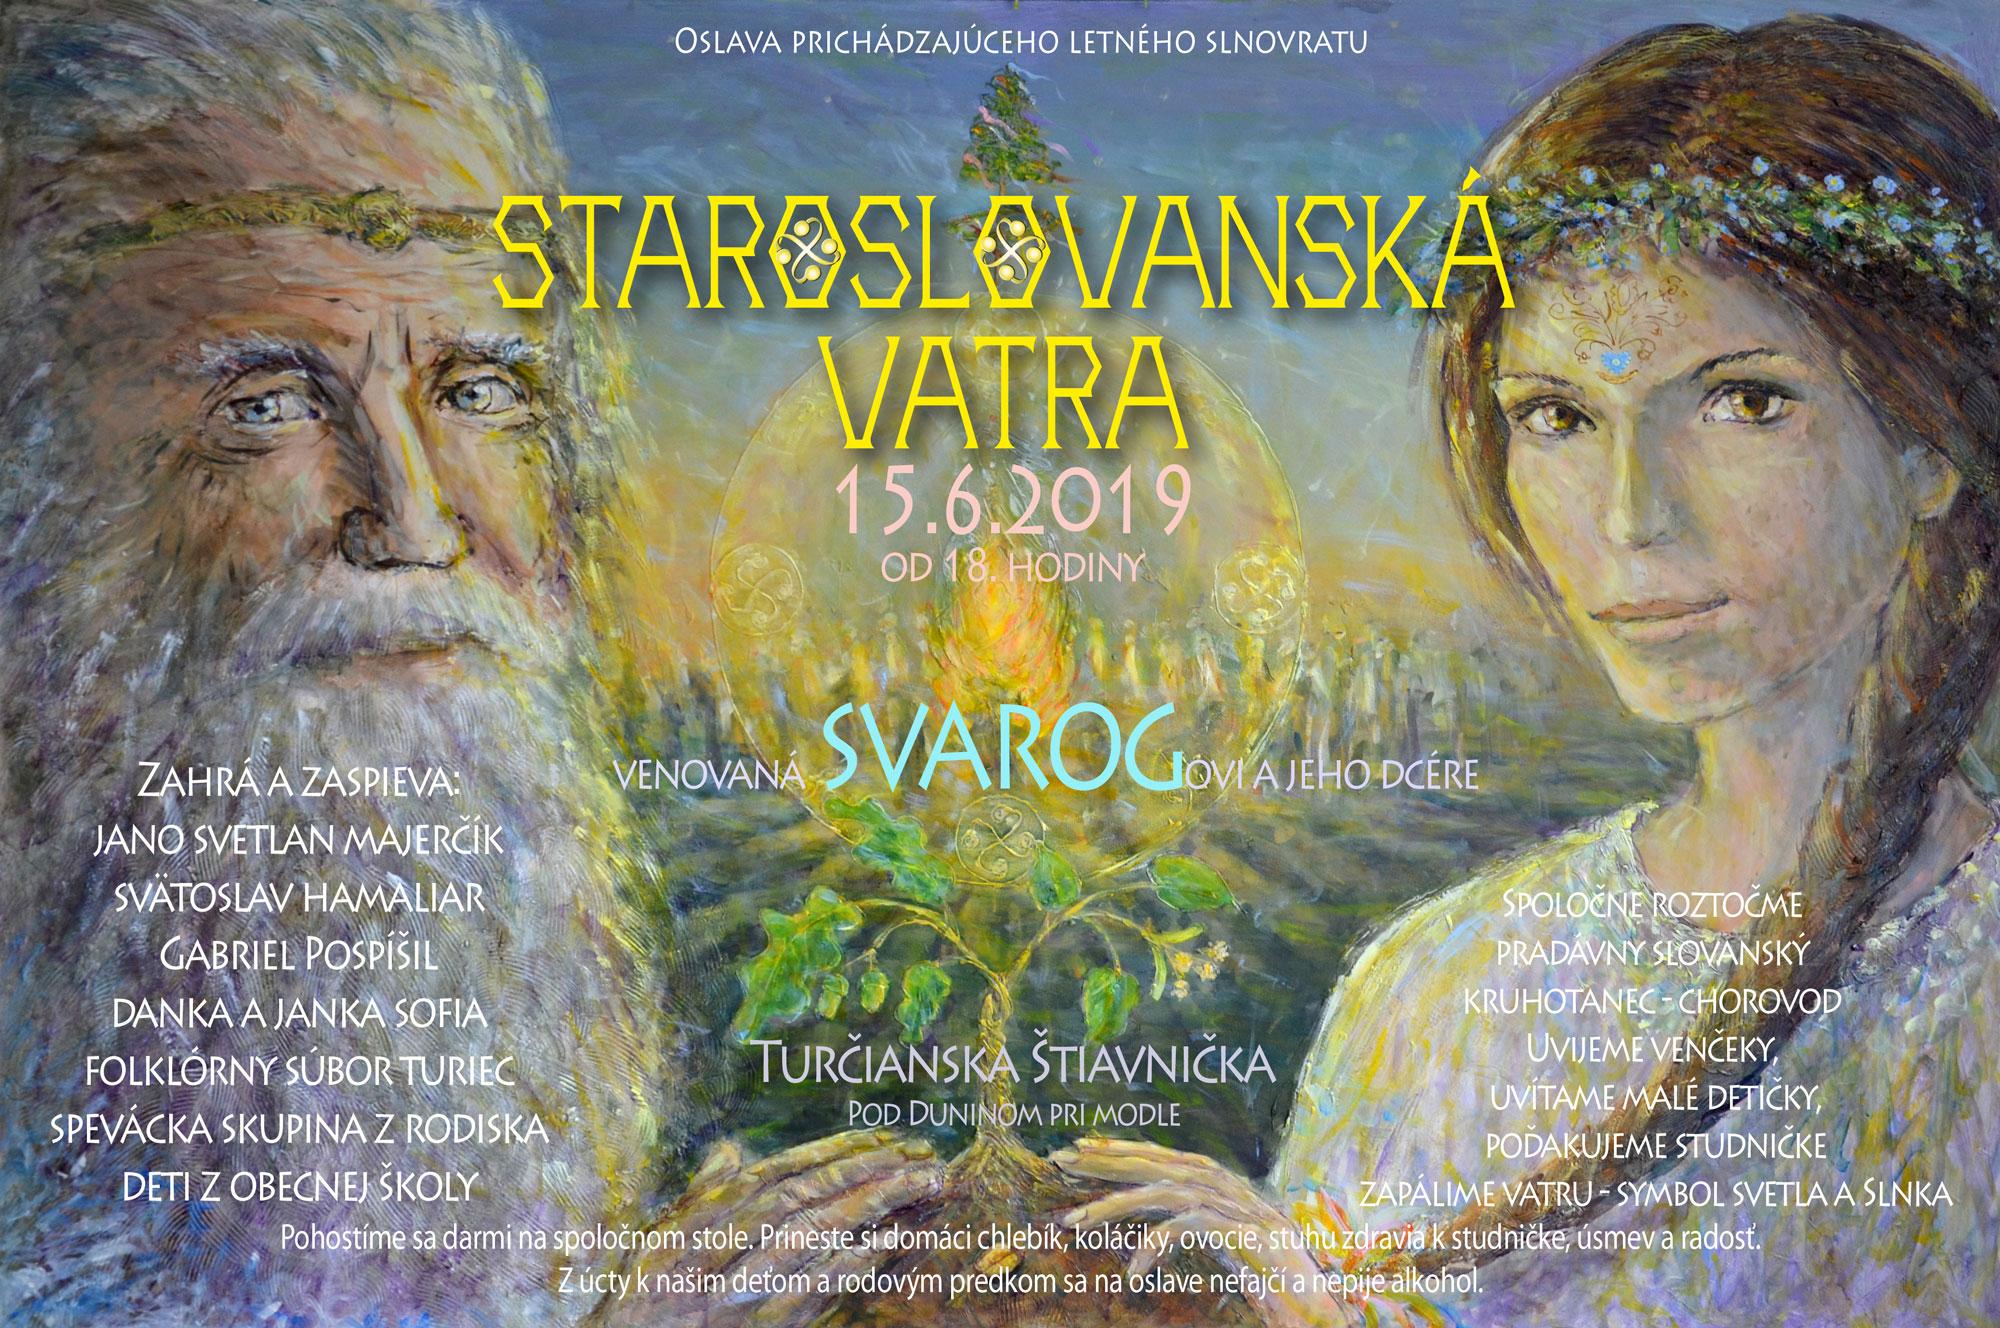 Staroslovanska vatra_2019_slovienka.sk